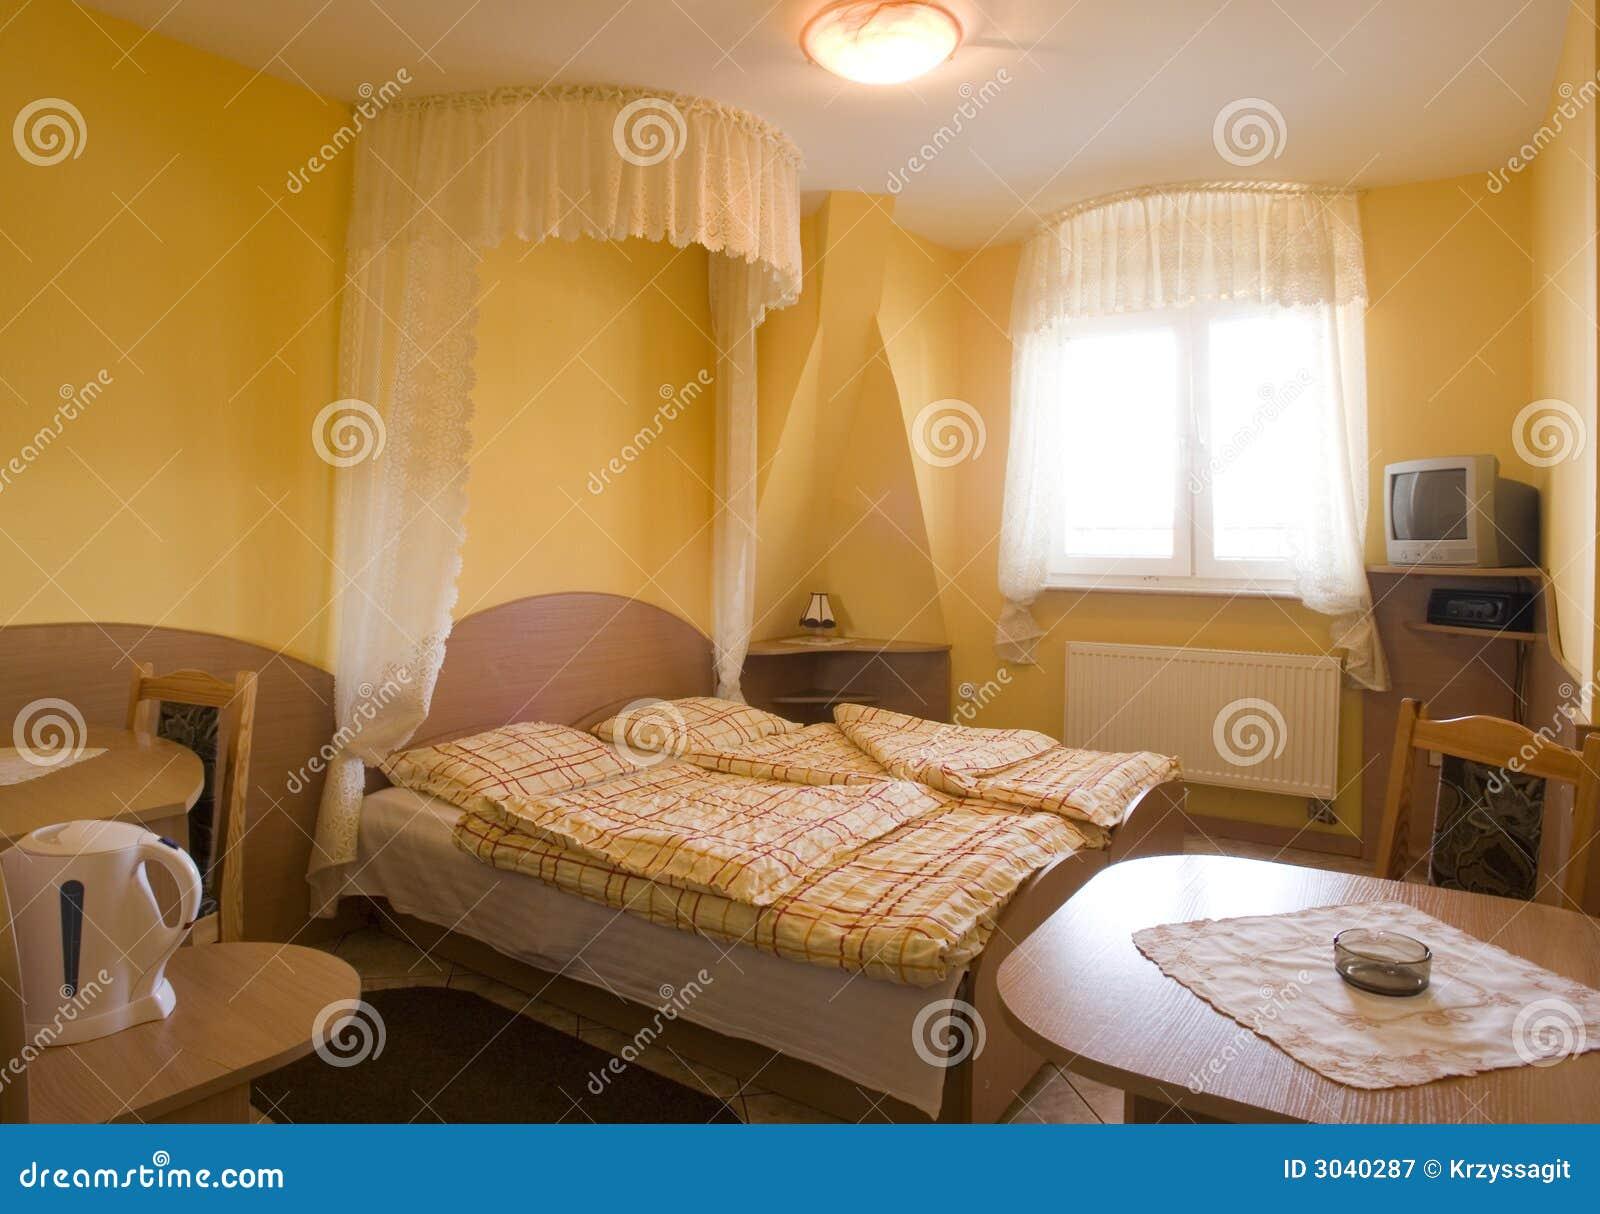 How Will Gelbes Und Graues Schlafzimmer Be In The Future Gelbes Und Graues Schlafzimmer: Gelbes Schlafzimmer Lizenzfreie Stockfotografie